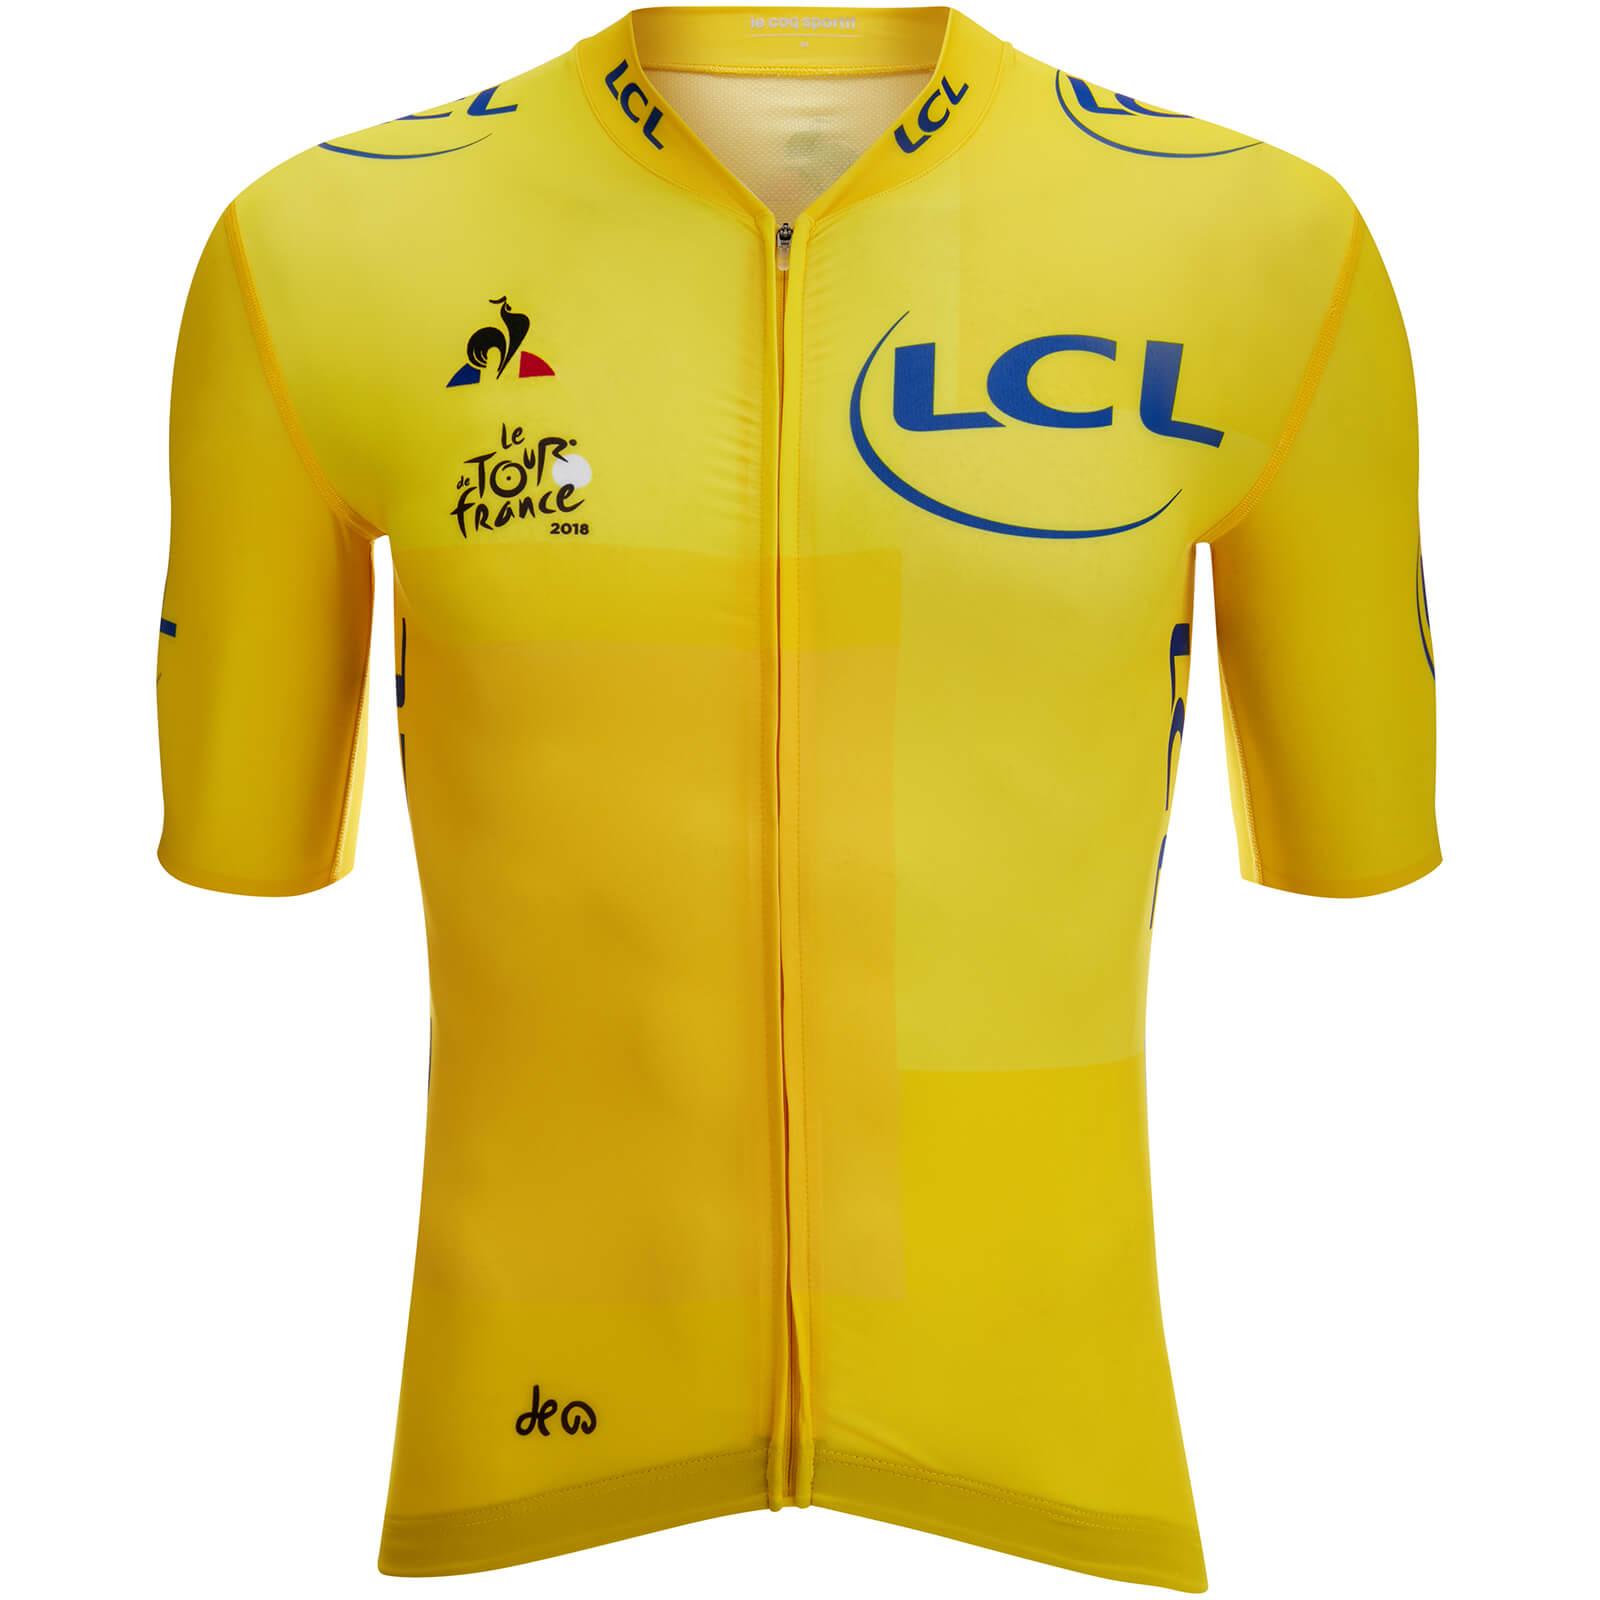 becfdbb00 Le Coq Sportif Tour de France 2018 Leaders Official Premium Jersey - Yellow